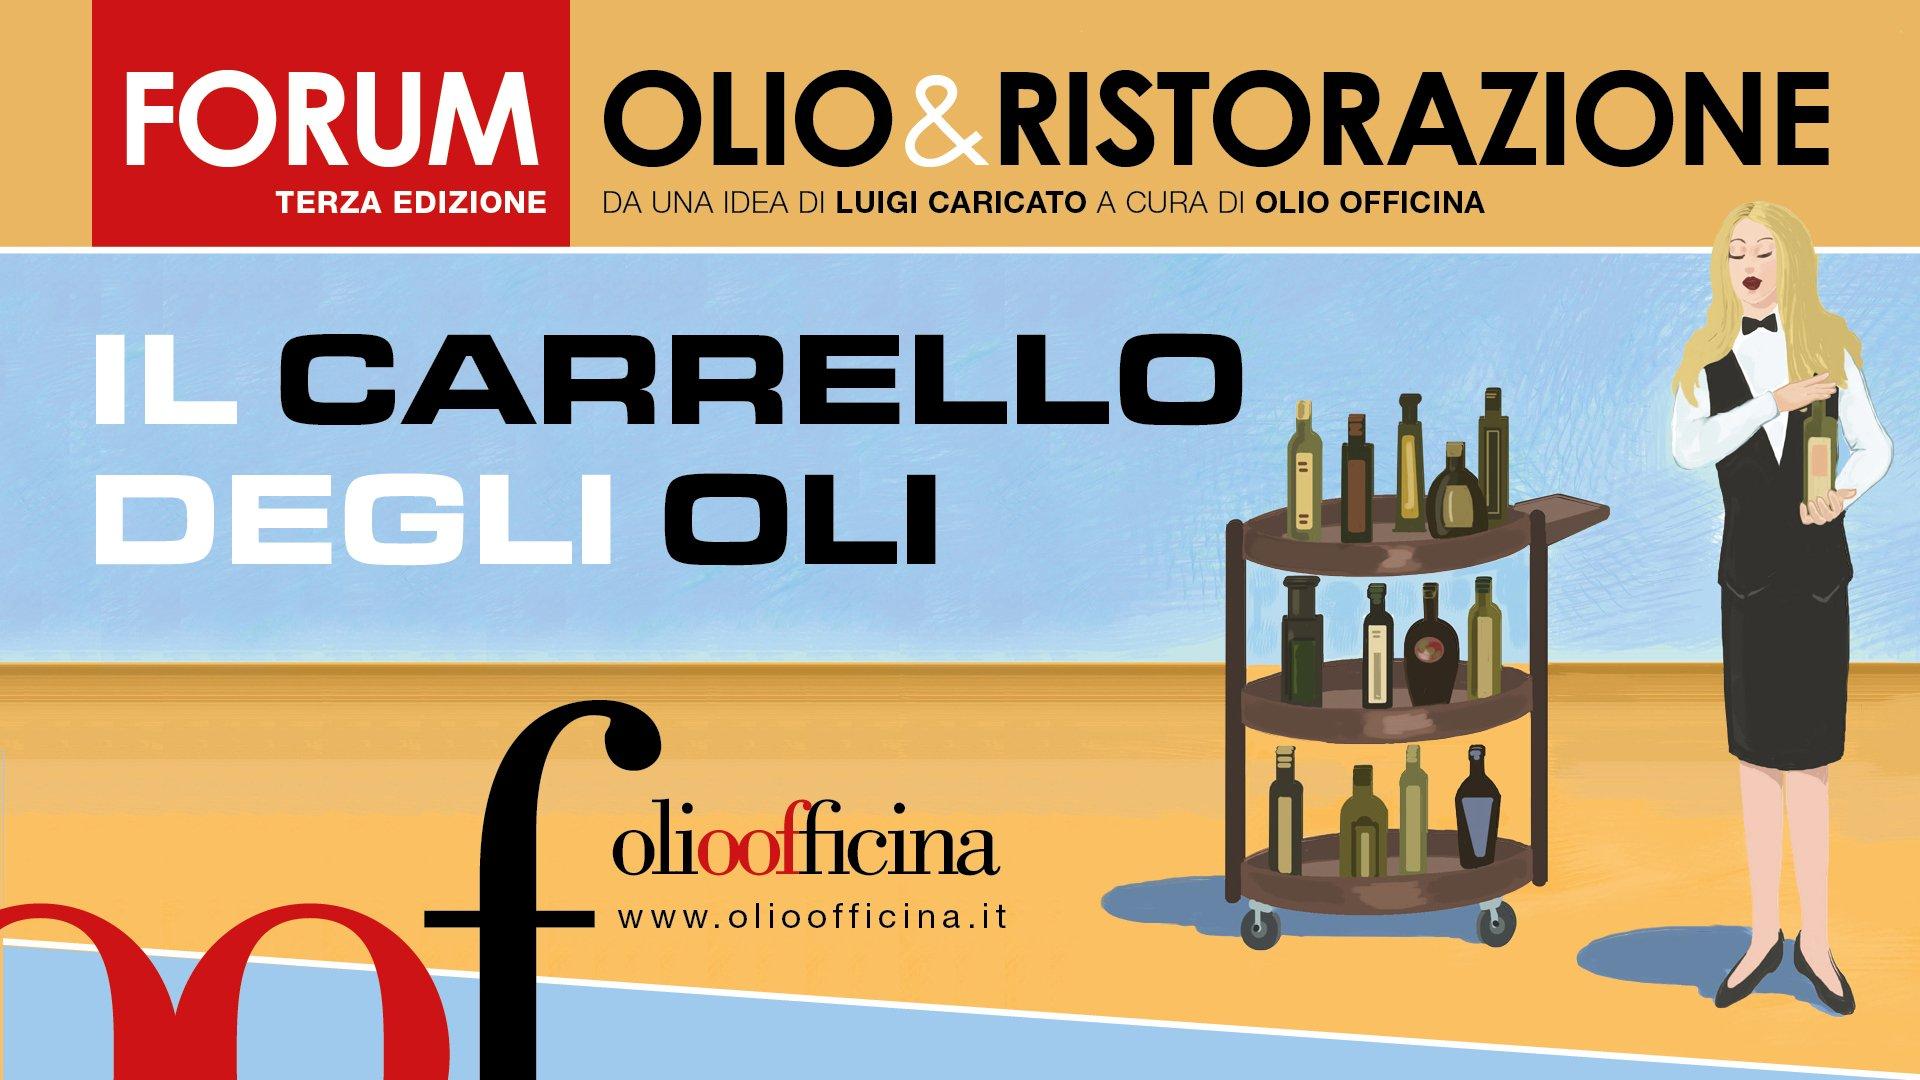 Forum Olio & Ristorazione 2020, terza edizione